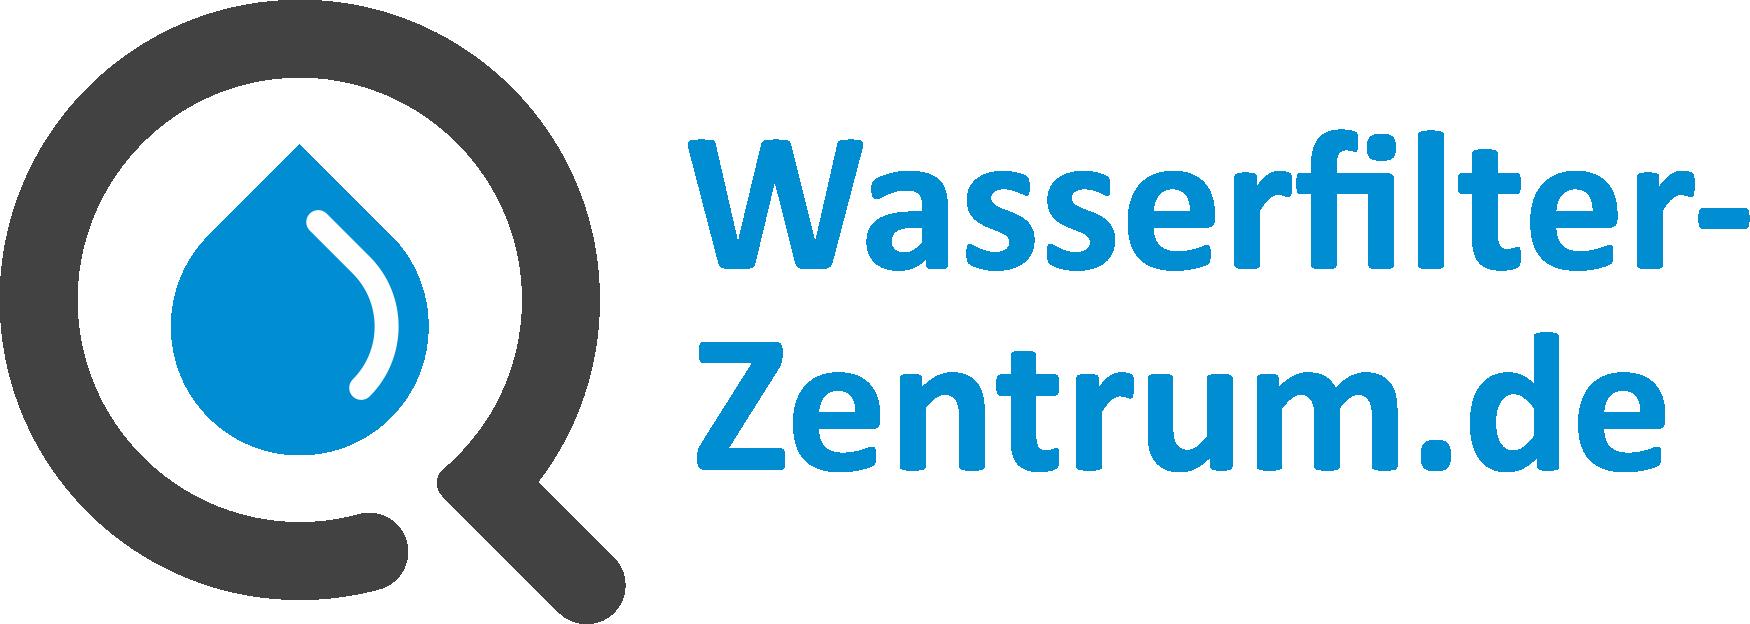 """Wasserfilter-Zentrum möchte Ihr Partner sein, wenn Sie Unterstützung bei der Auswahl benötigen, wie Sie unbelastetes, hervorragend schmeckendes und reines Trinkwasser erhalten. Egal wie die Art der Belastung Ihres Wassers derzeit aussieht, Wasserfilter-Zentrum berät Sie gerne. Wasserfilter-Zentrum bietet Ihnen ausschließlich qualitativ höchstwertige Techniken und Produkte an, die soweit möglich """"Made in Germany"""" sind."""